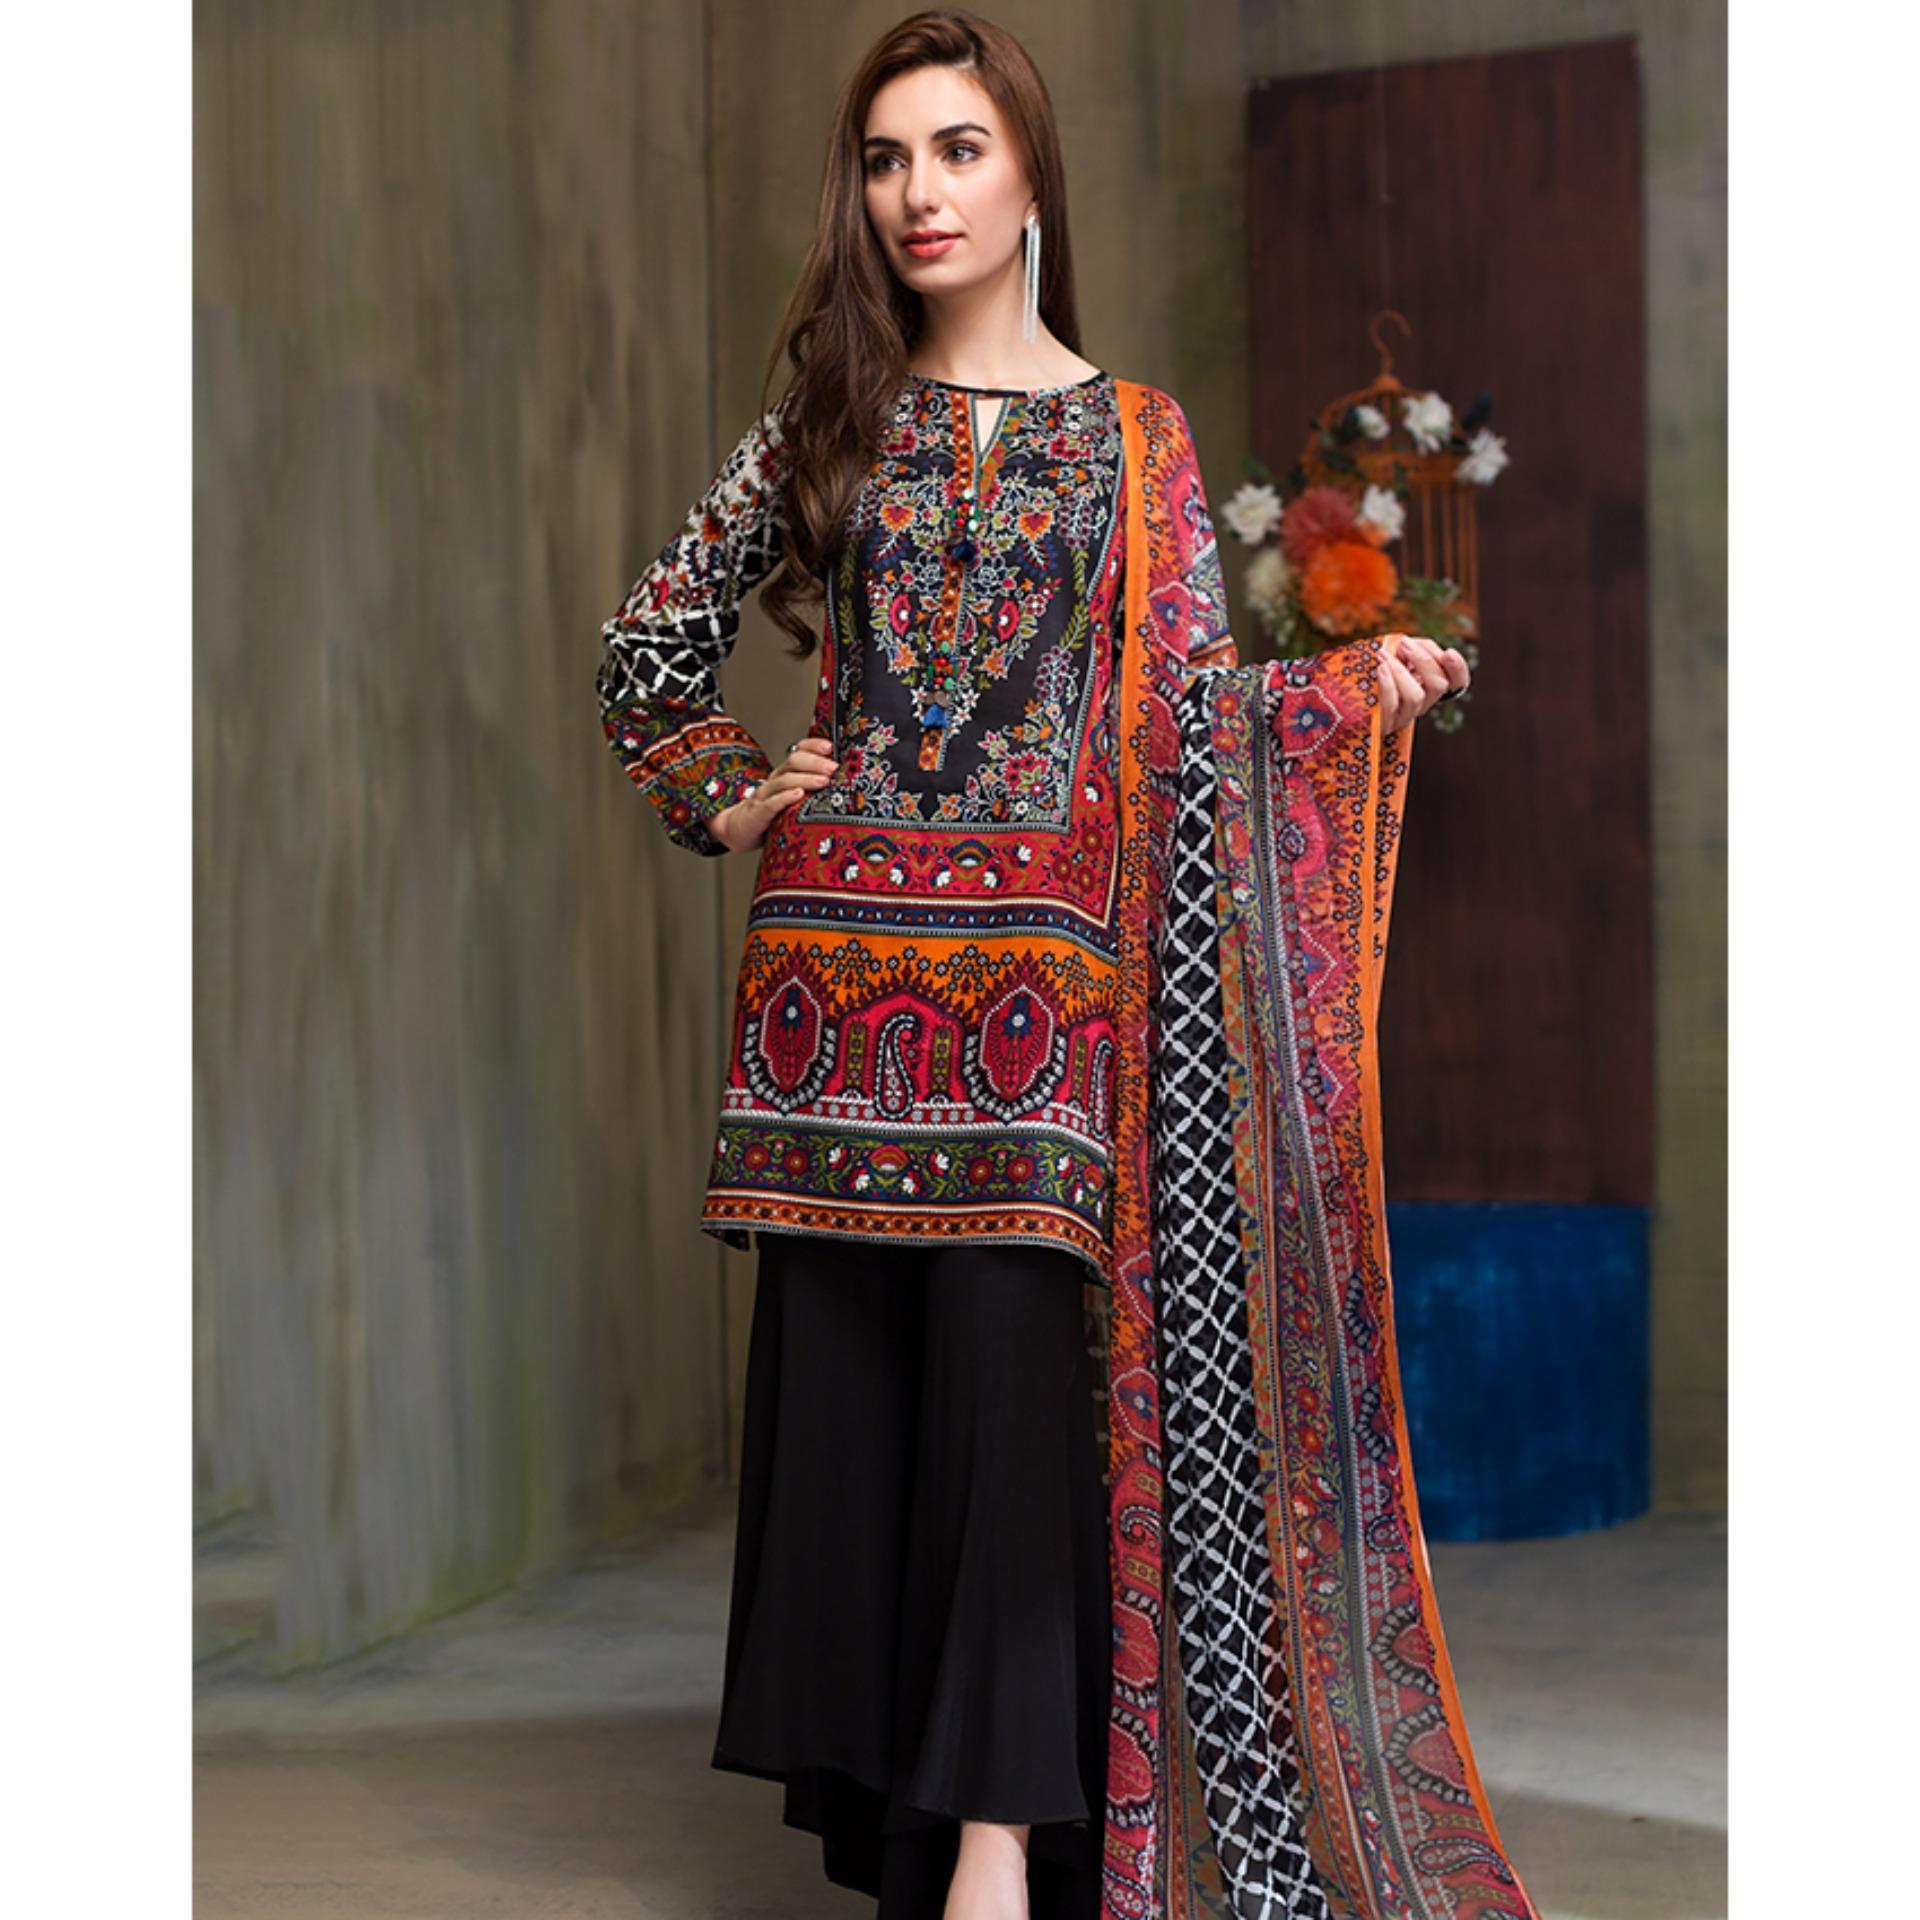 1e6b010ebe7 Floral Fantasy 2pc Unstitched Suit Black Lawn Collection Vol. 1 - U0271-2pc-